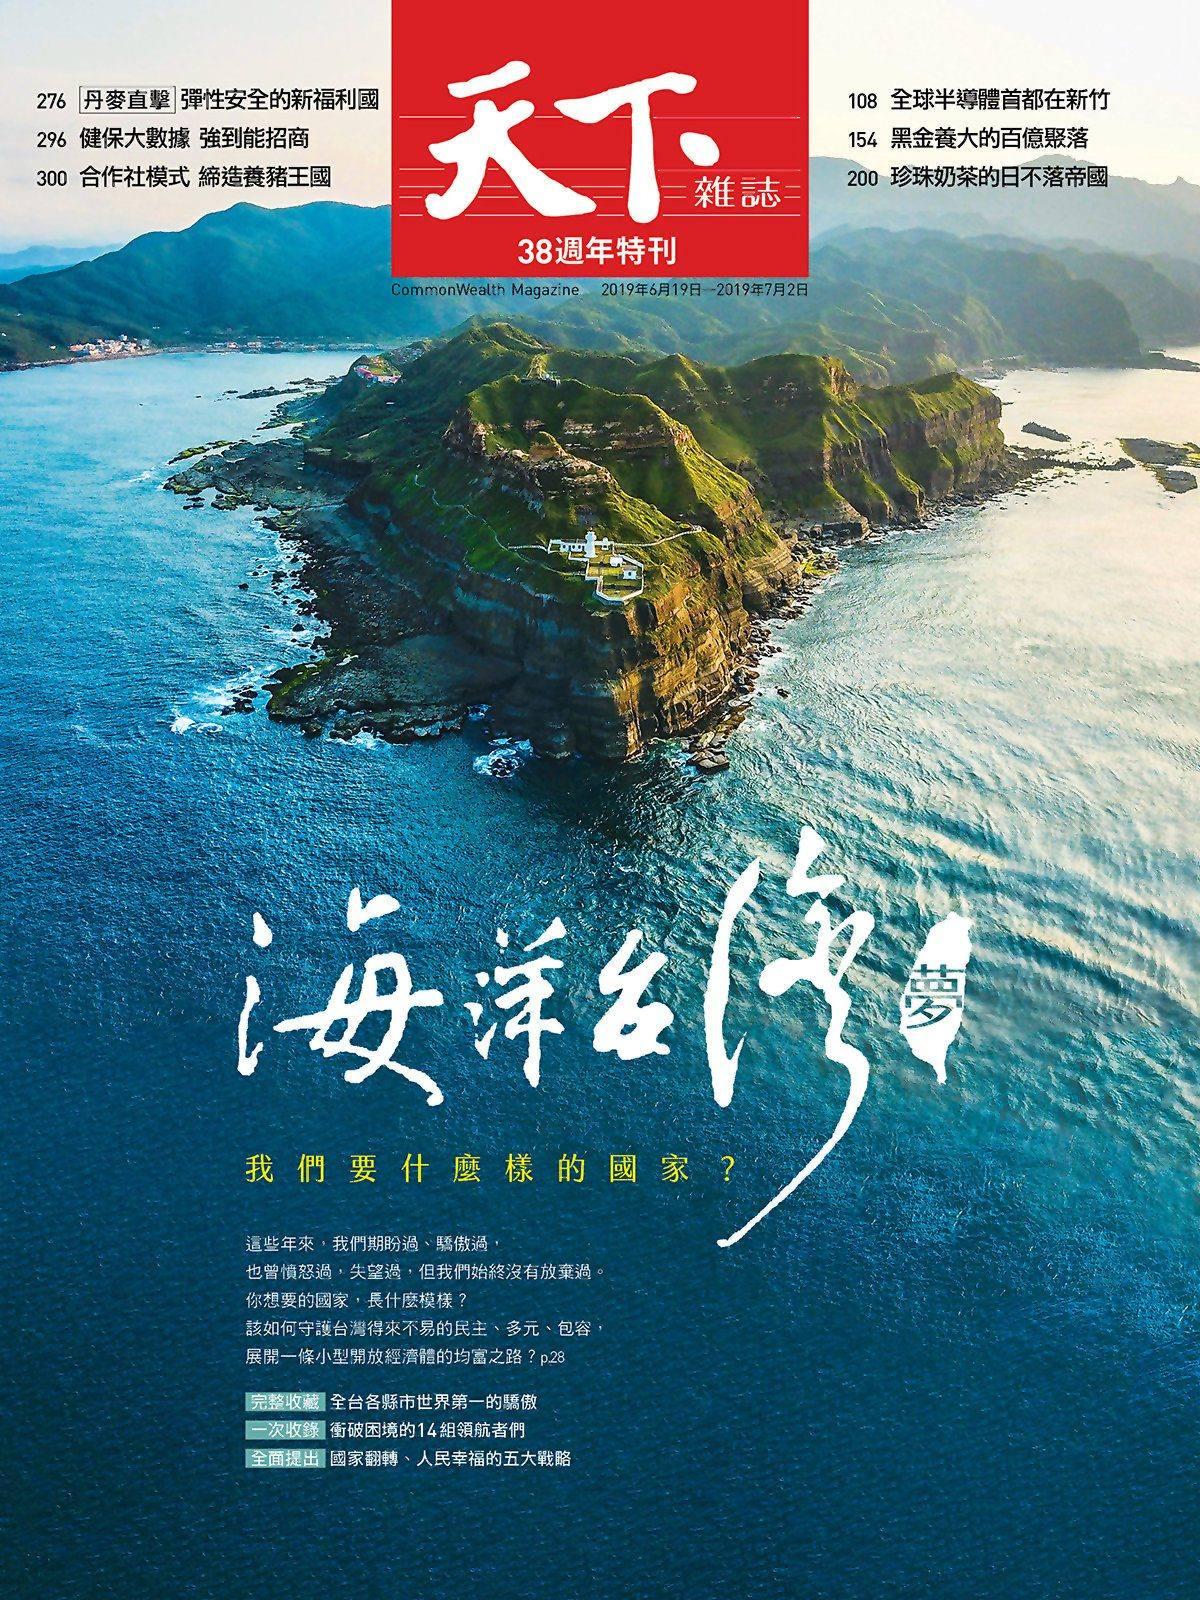 天下雜誌 2019/6/19第675期 38周年慶刊